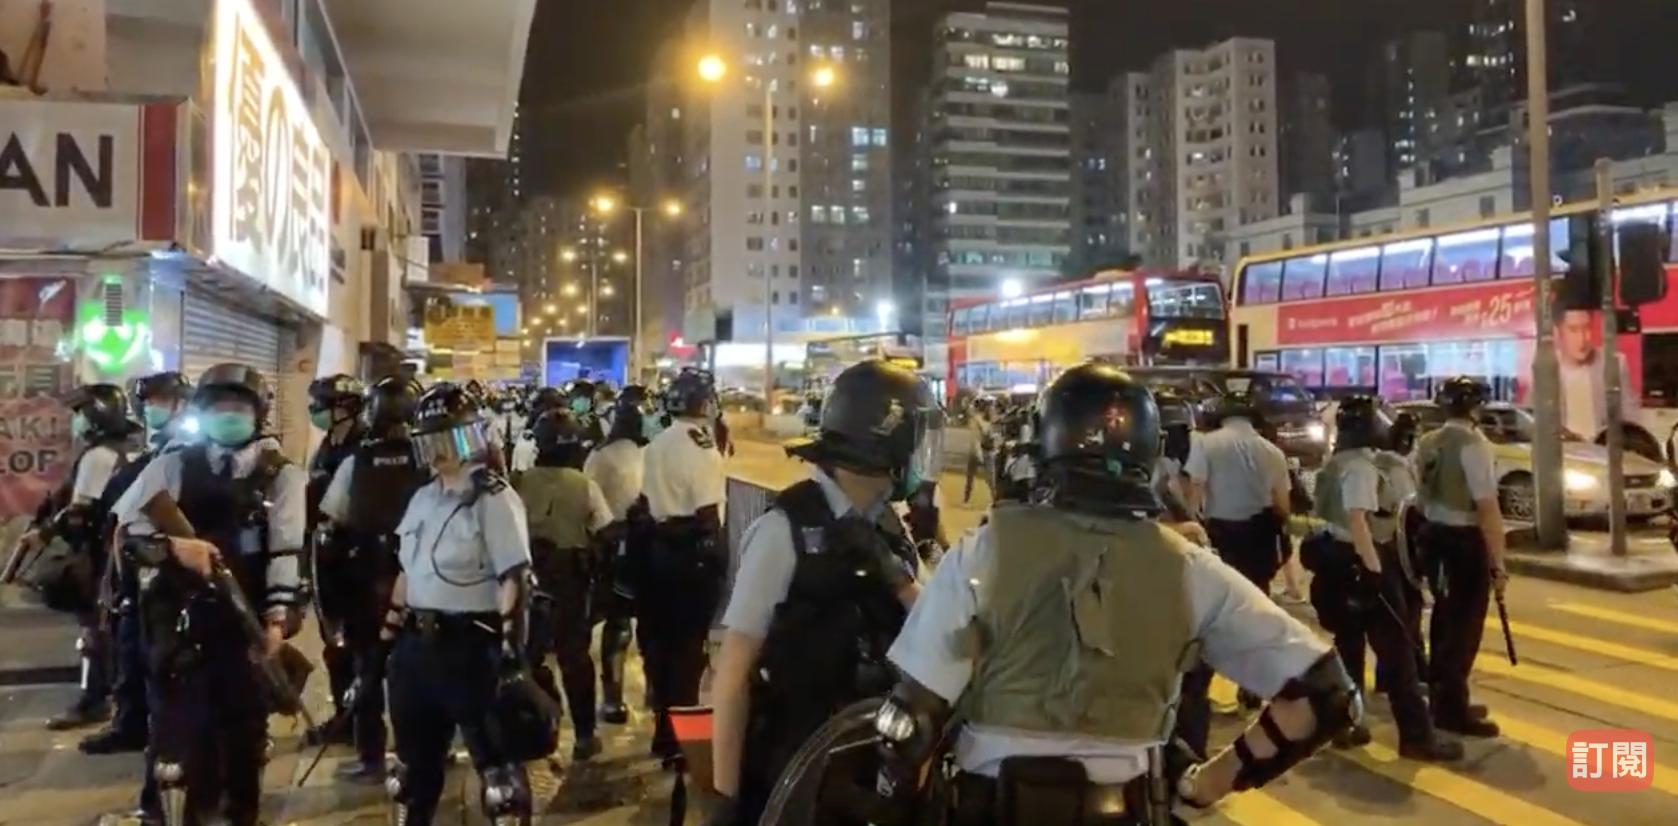 有網民發起29日晚到太子站鮮花舉行悼念活動。數十名防暴警到場,清理花壇、截查行人,之後與抗議市民發生衝突。(視頻截圖)